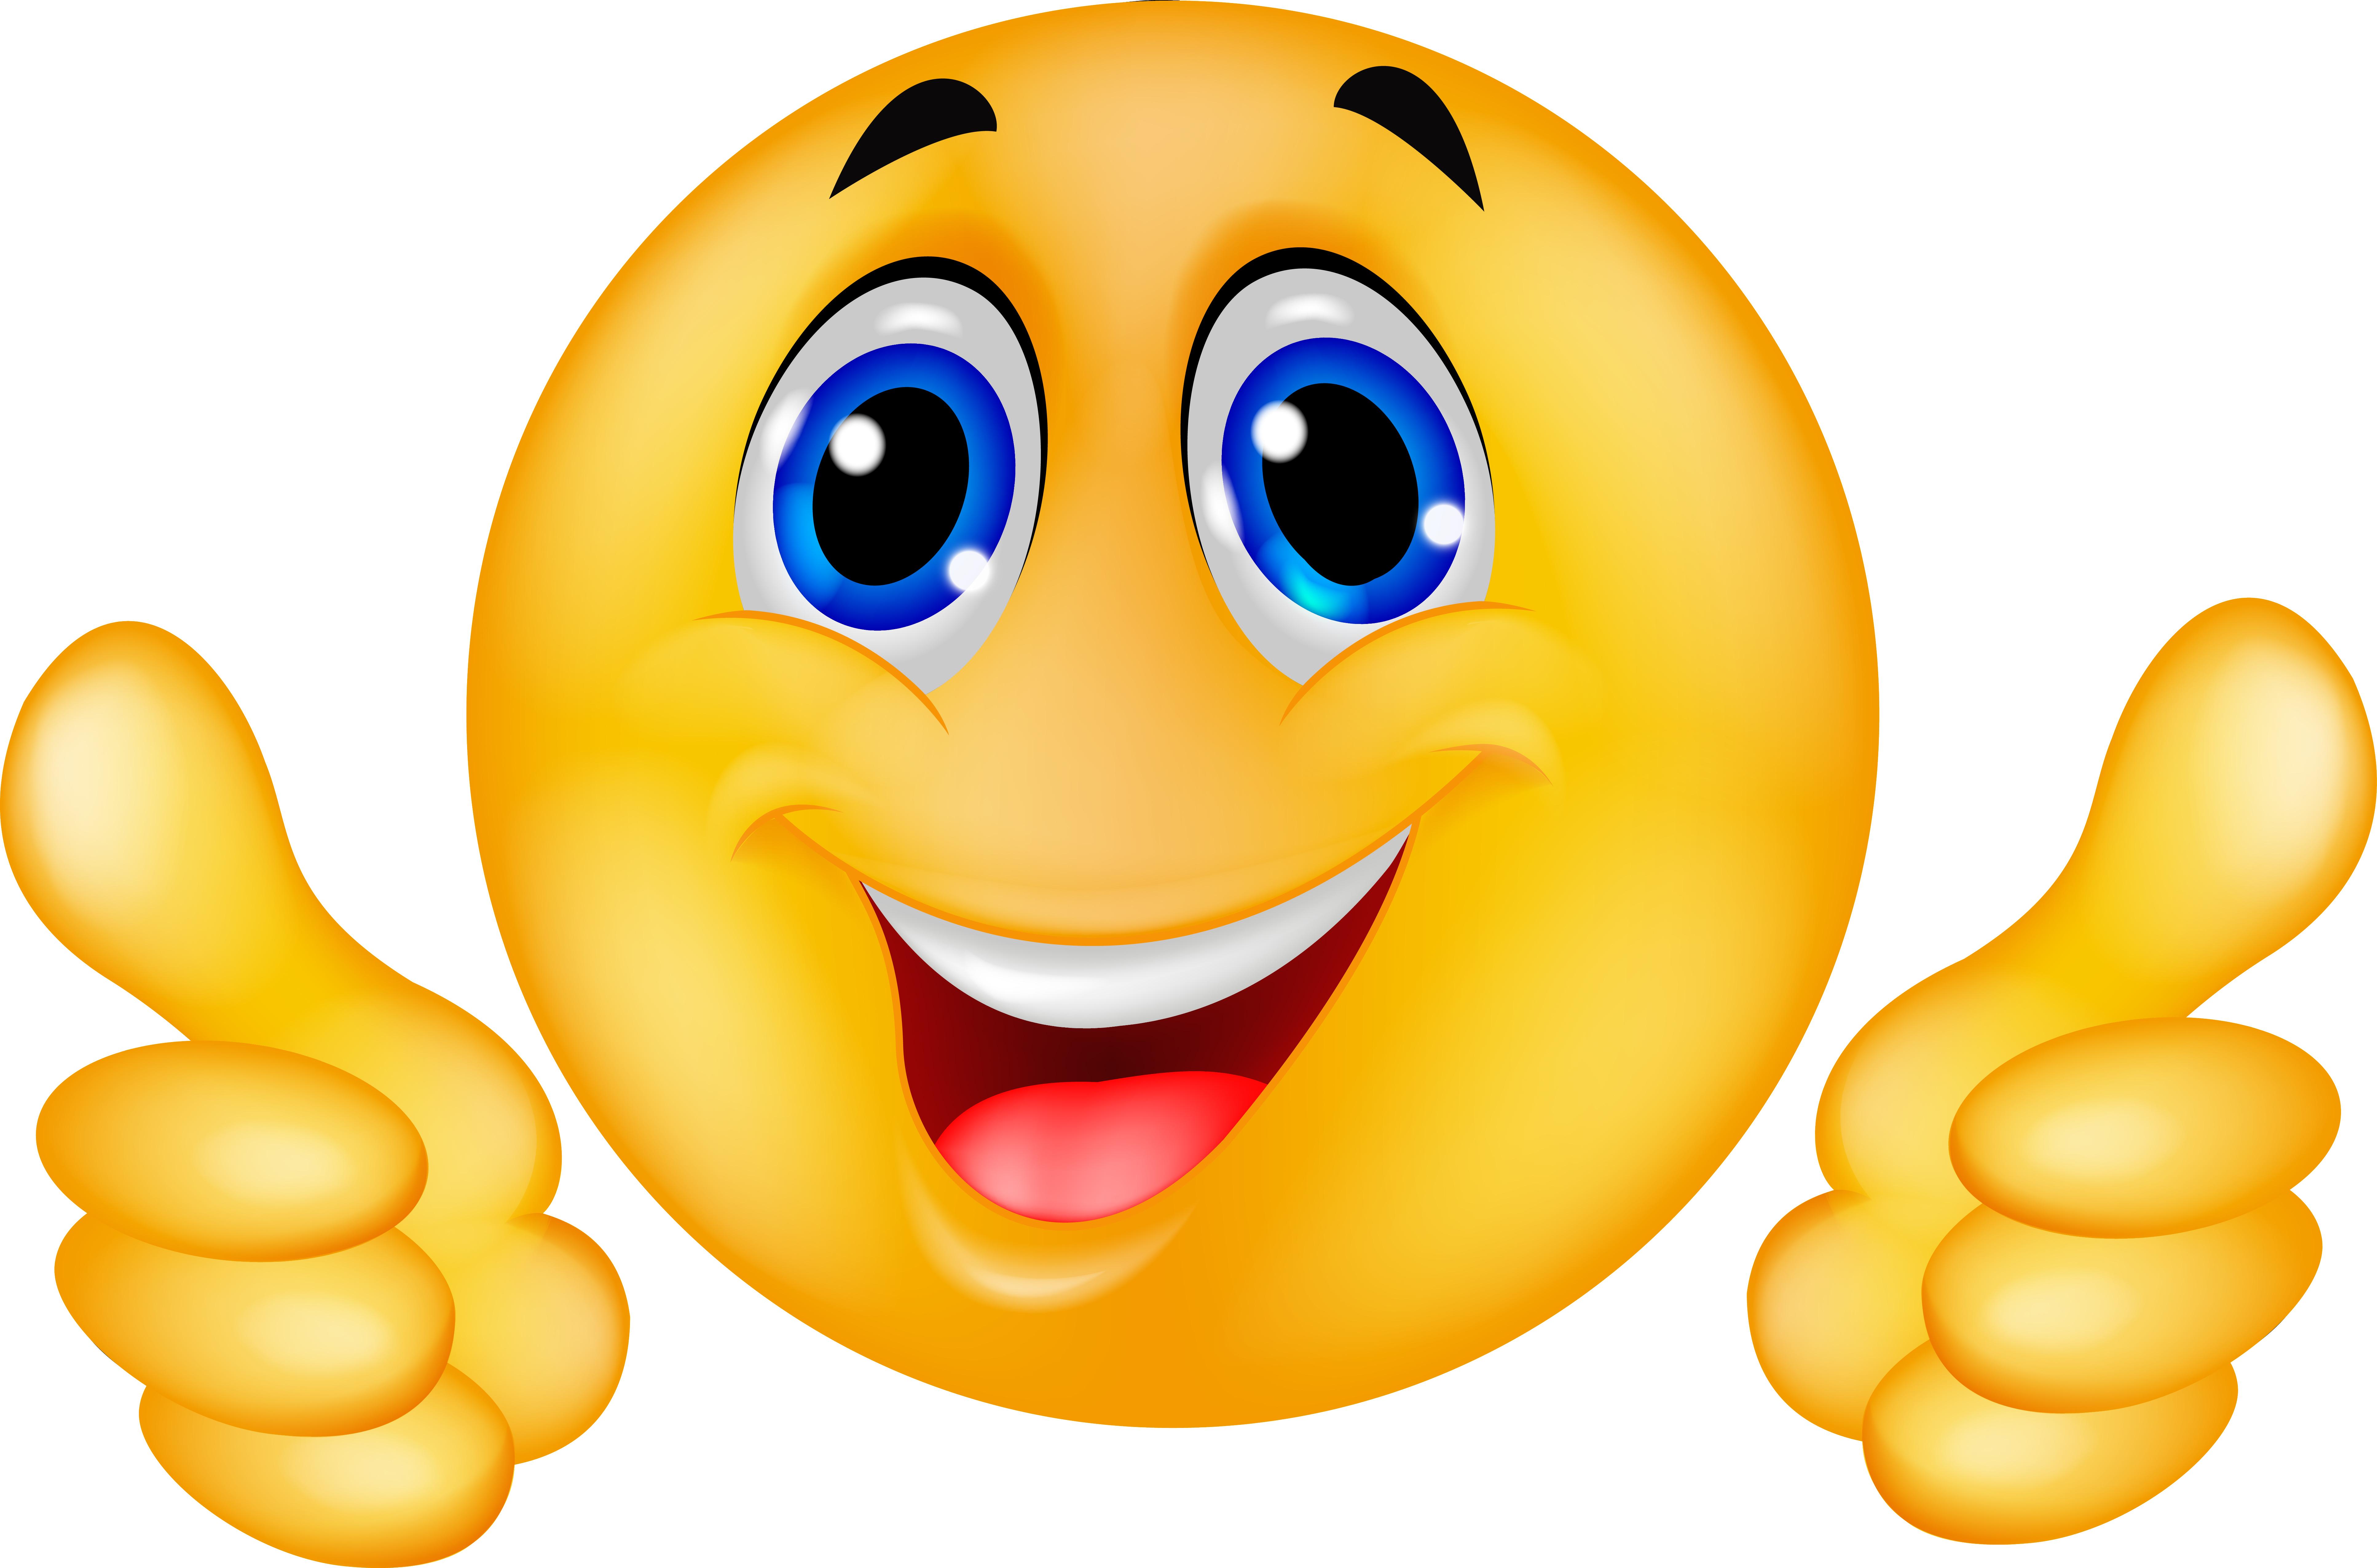 Лазерная коррекция зрения — так ли эффективен метод smile на самом деле? / хабр